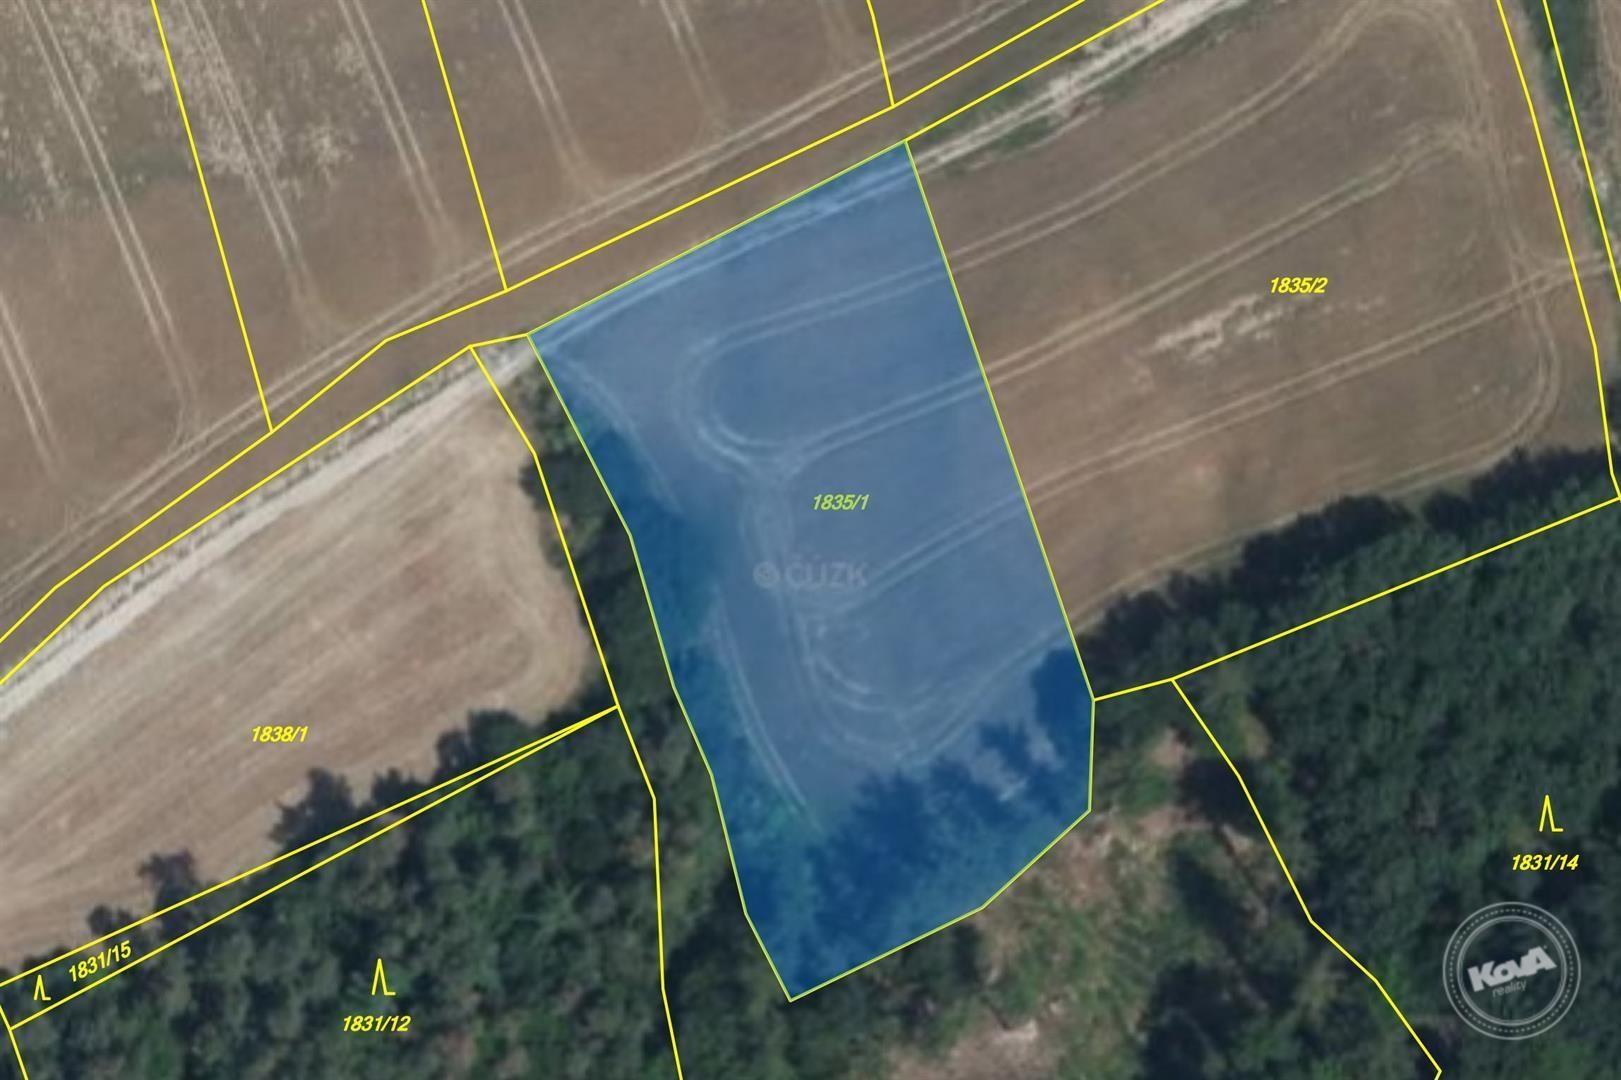 Aukce spoluvlastnických podílů 1/12 na pozemcích o výměře 9 222 m2 v kú. Unhošť, okr. Kladno